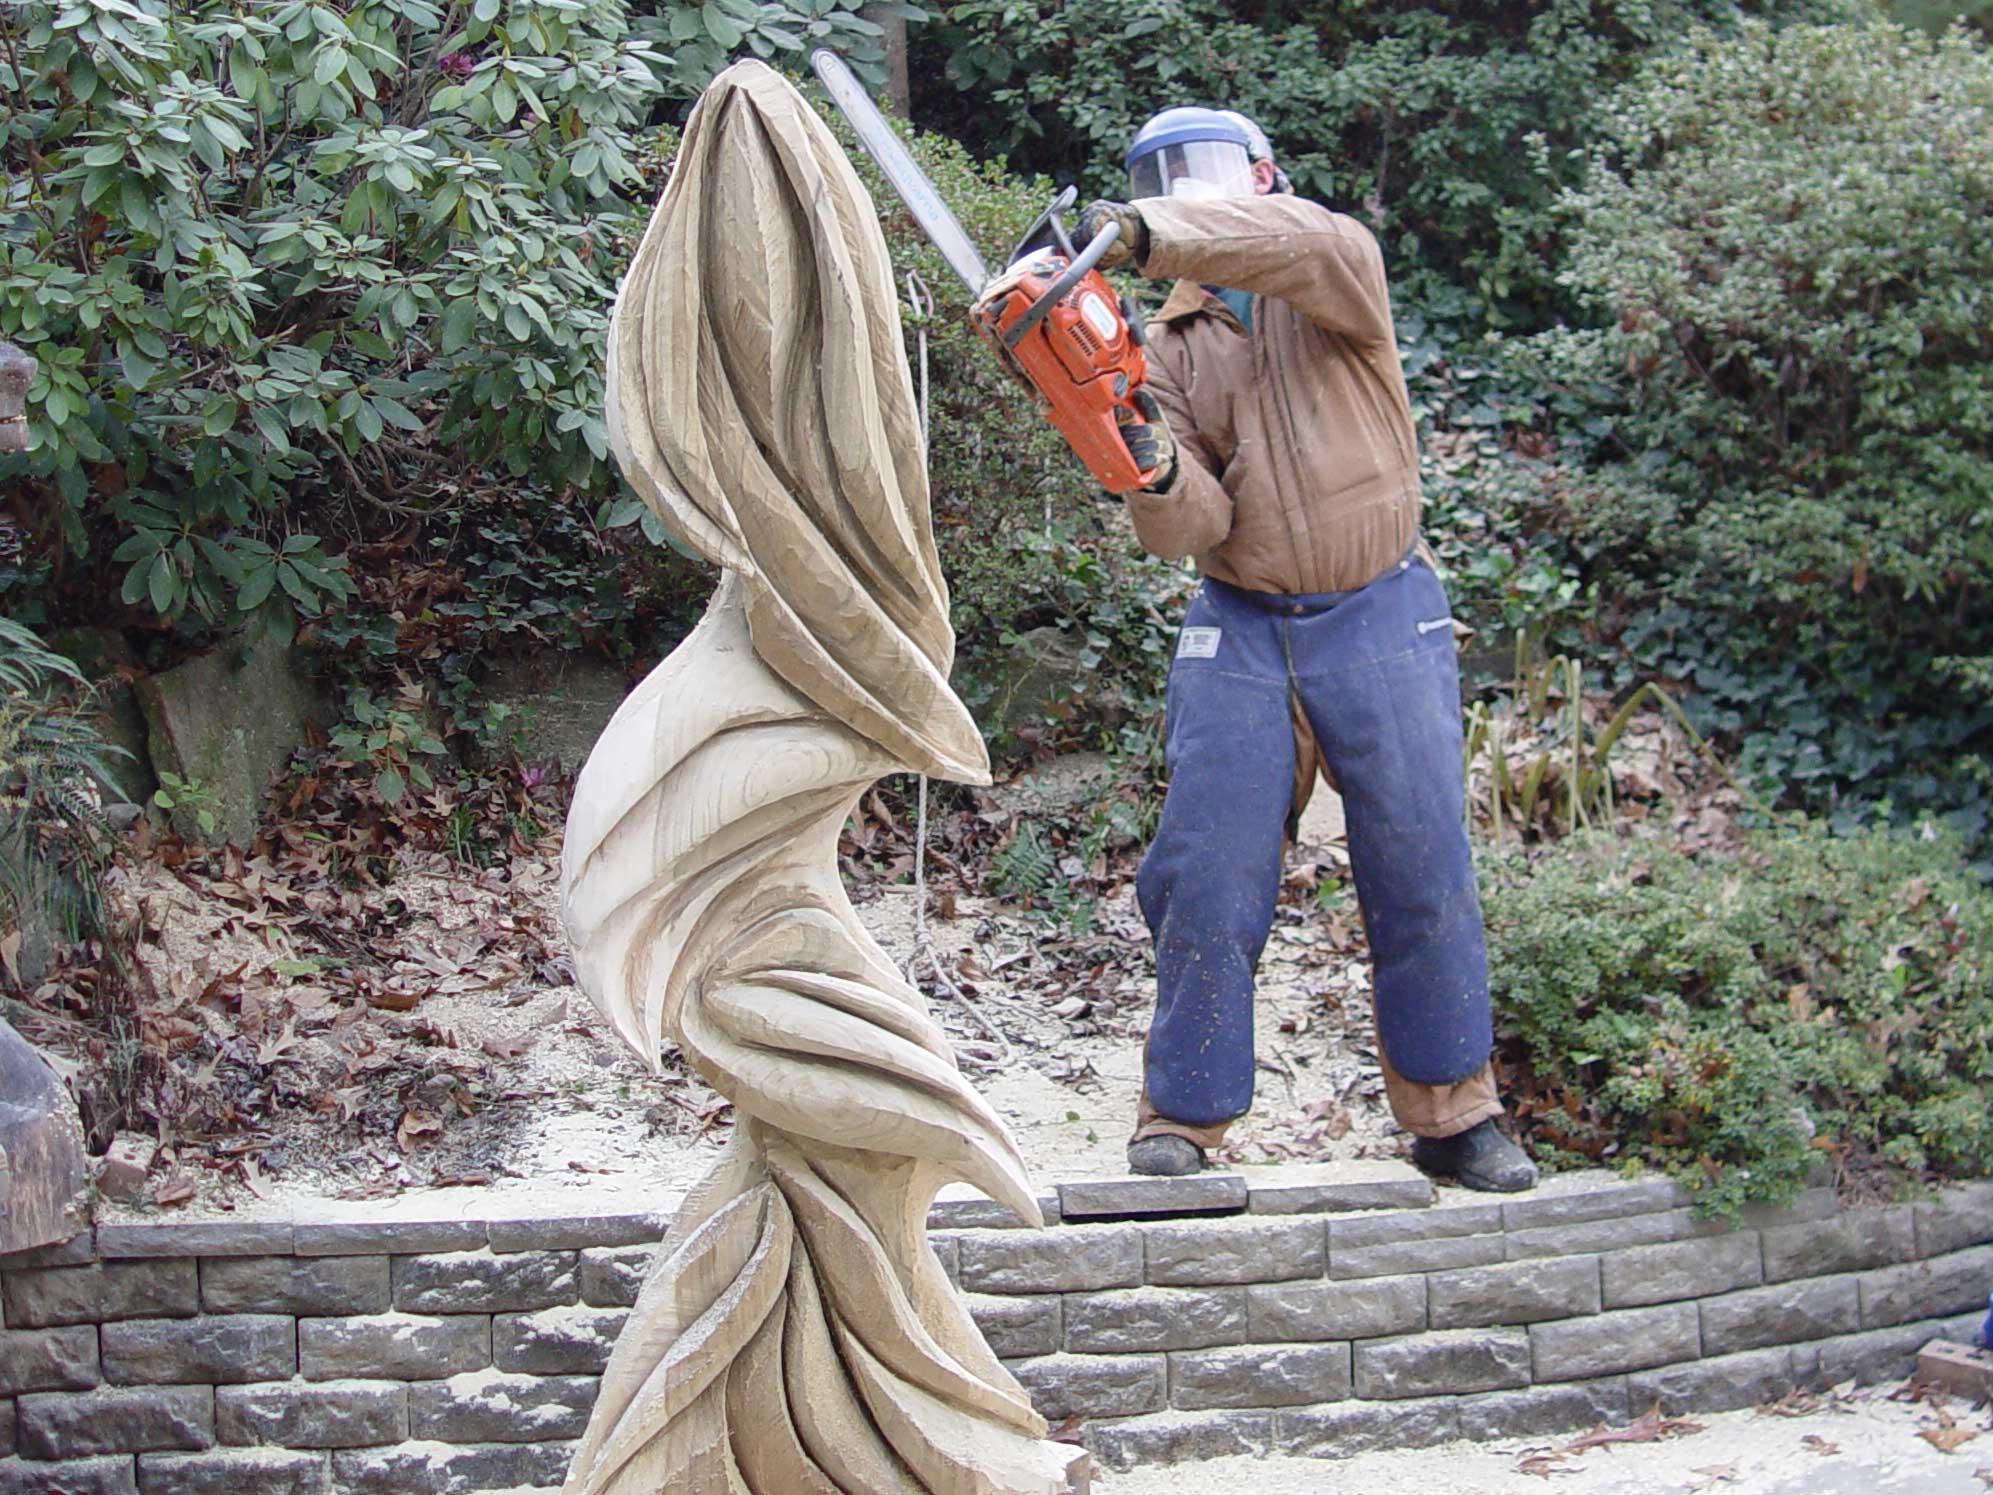 sculpture - Green Woman